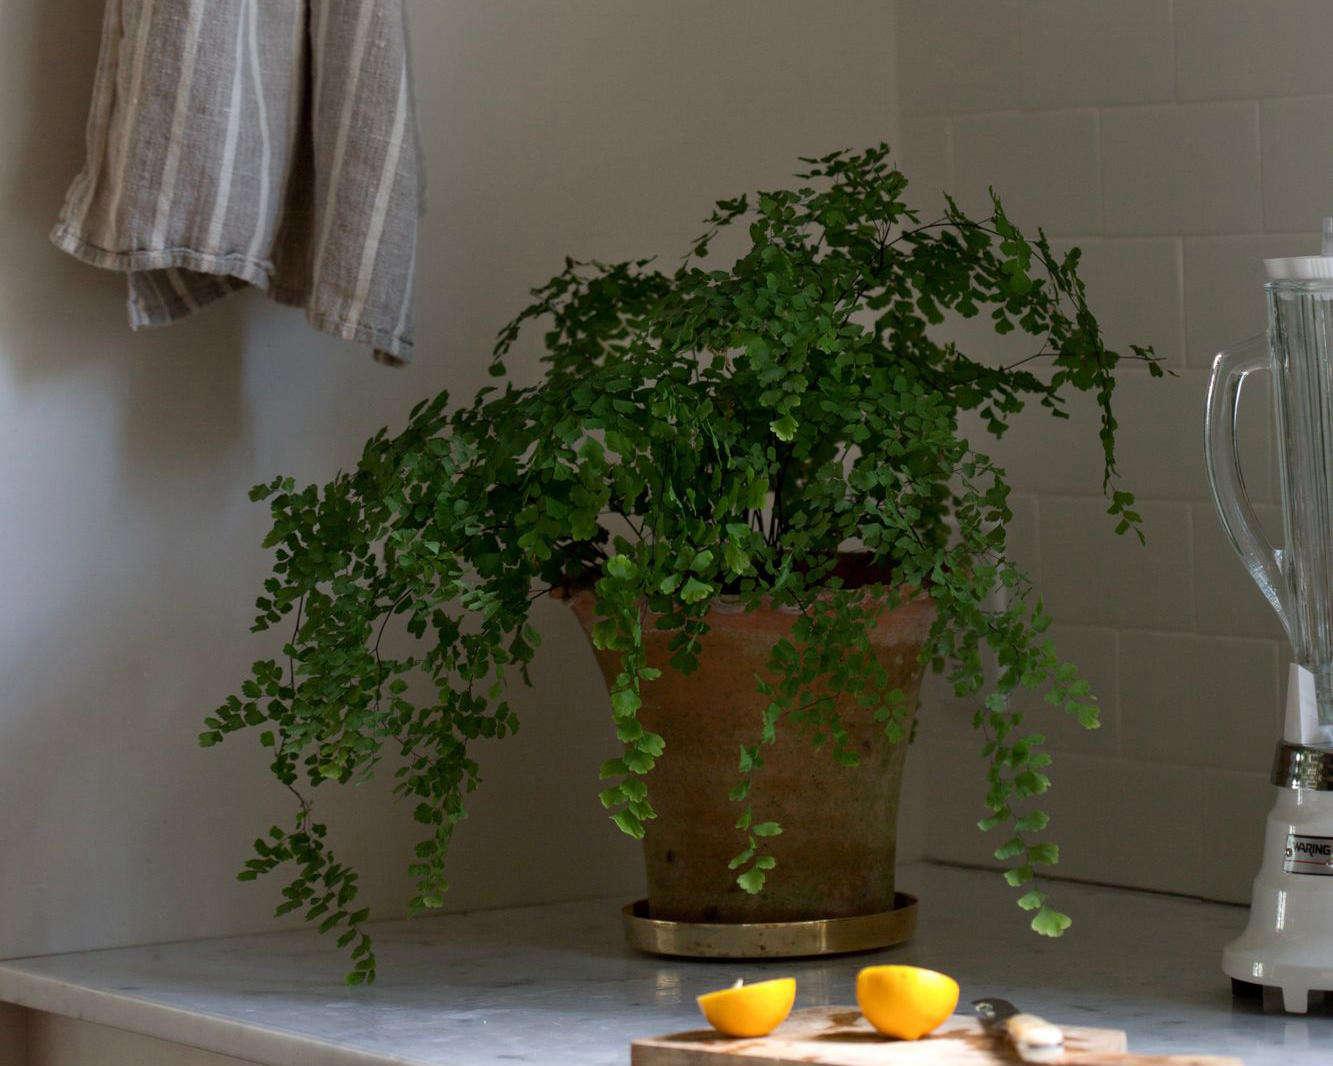 The Garden Decoder: What Do